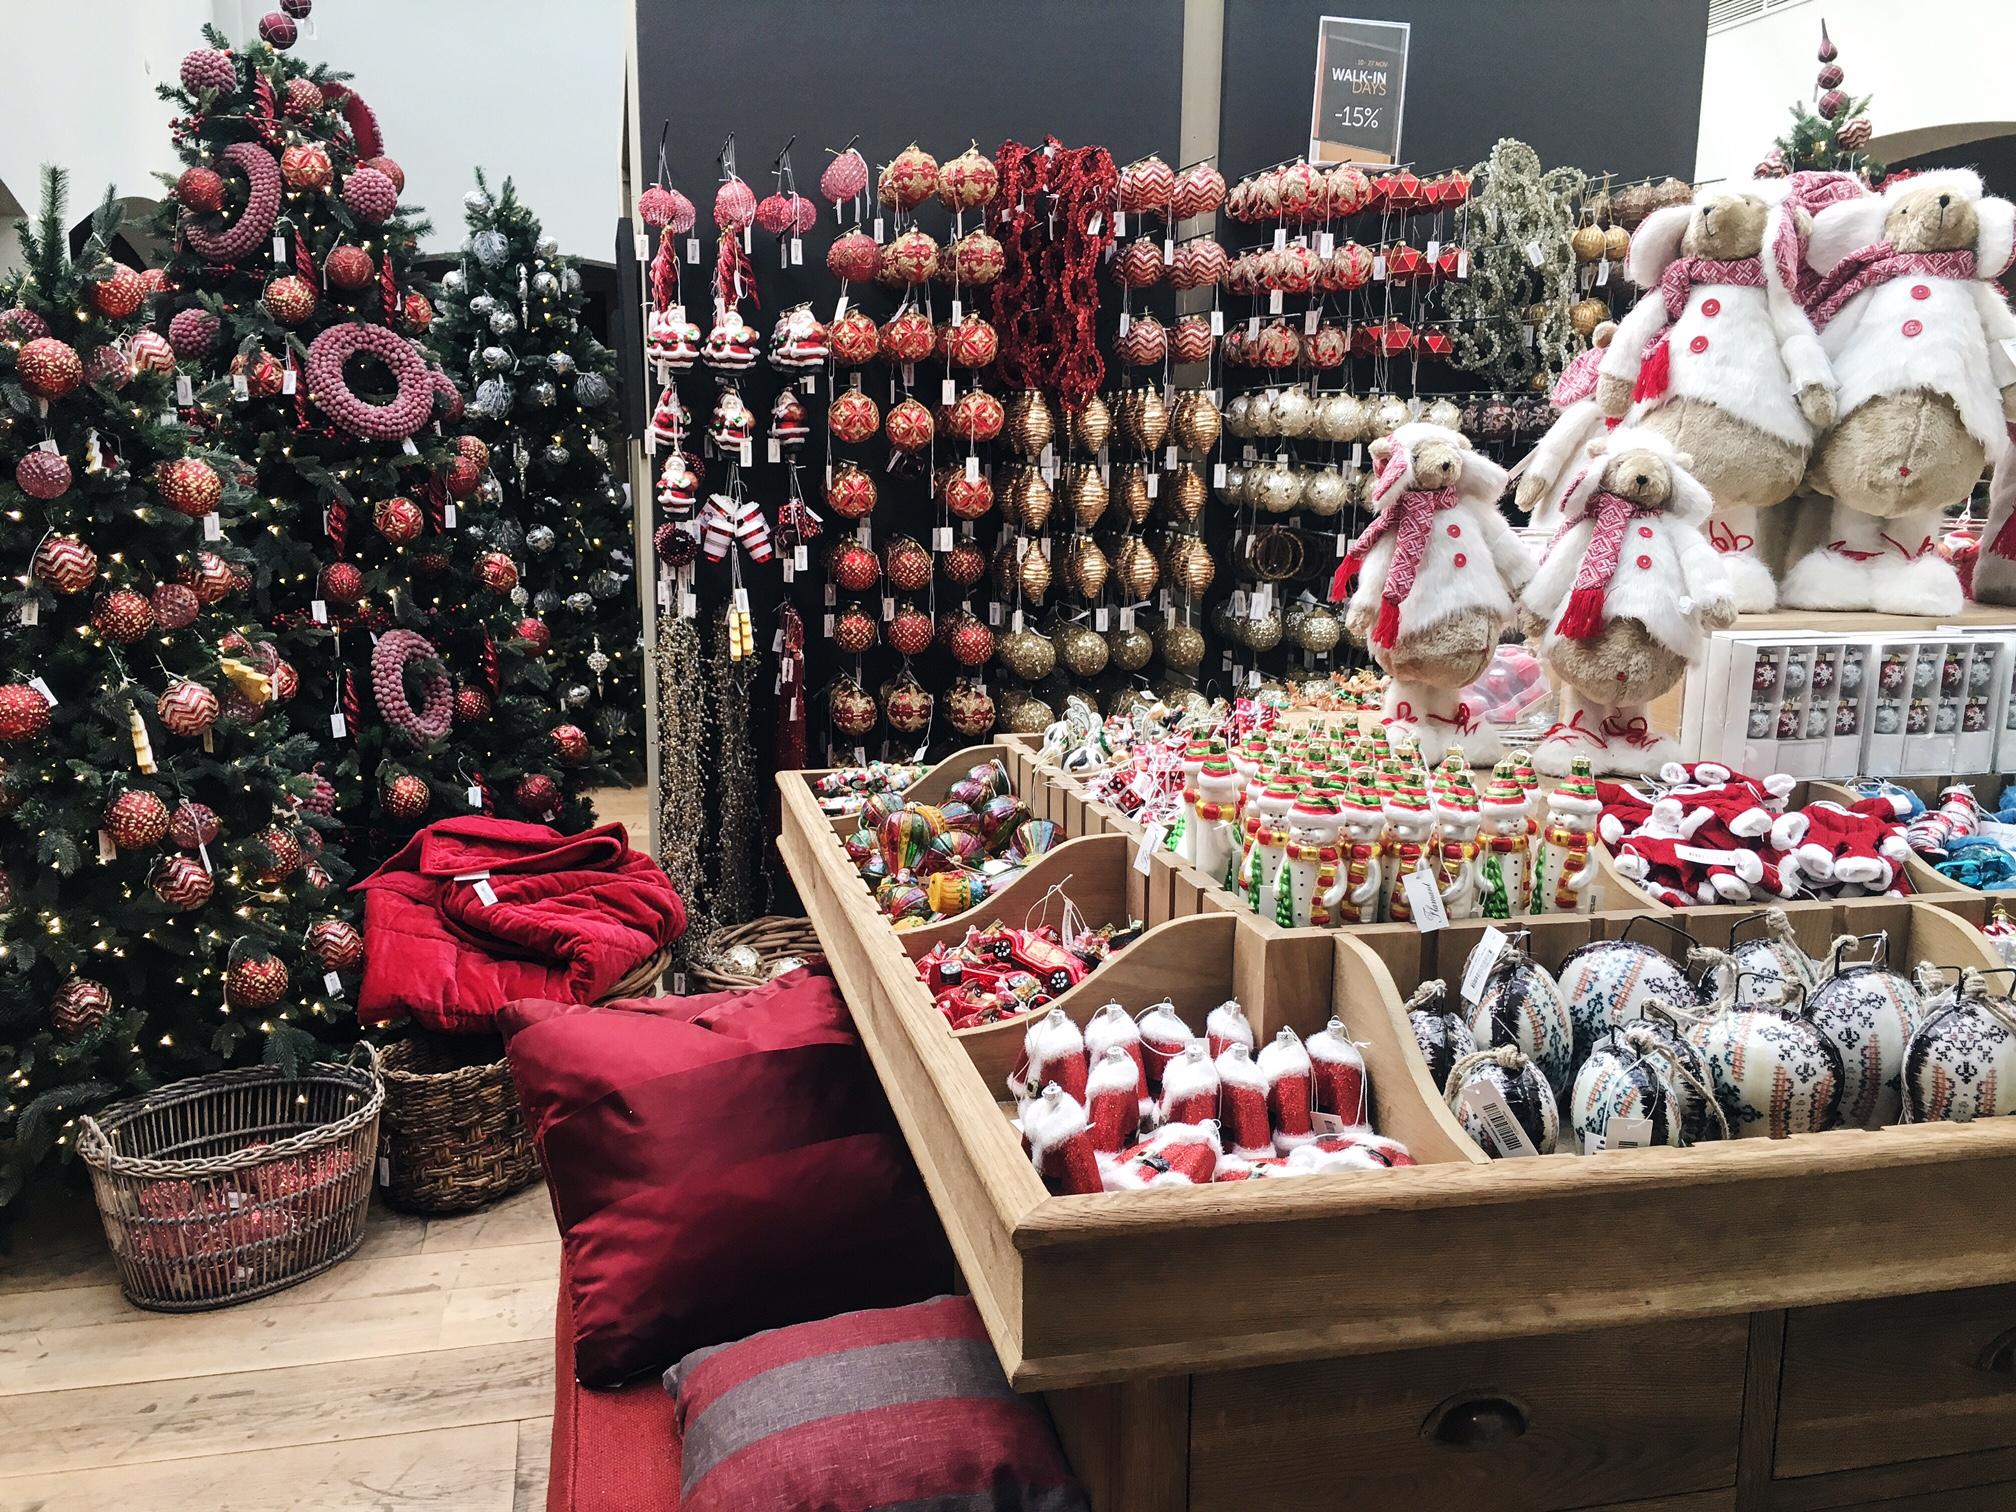 #A32838 Top 5 Des Magasins De Déco De Noël à Bruxelles  Page 2 Sur  5353 decorations de noel bruxelles 2016x1512 px @ aertt.com